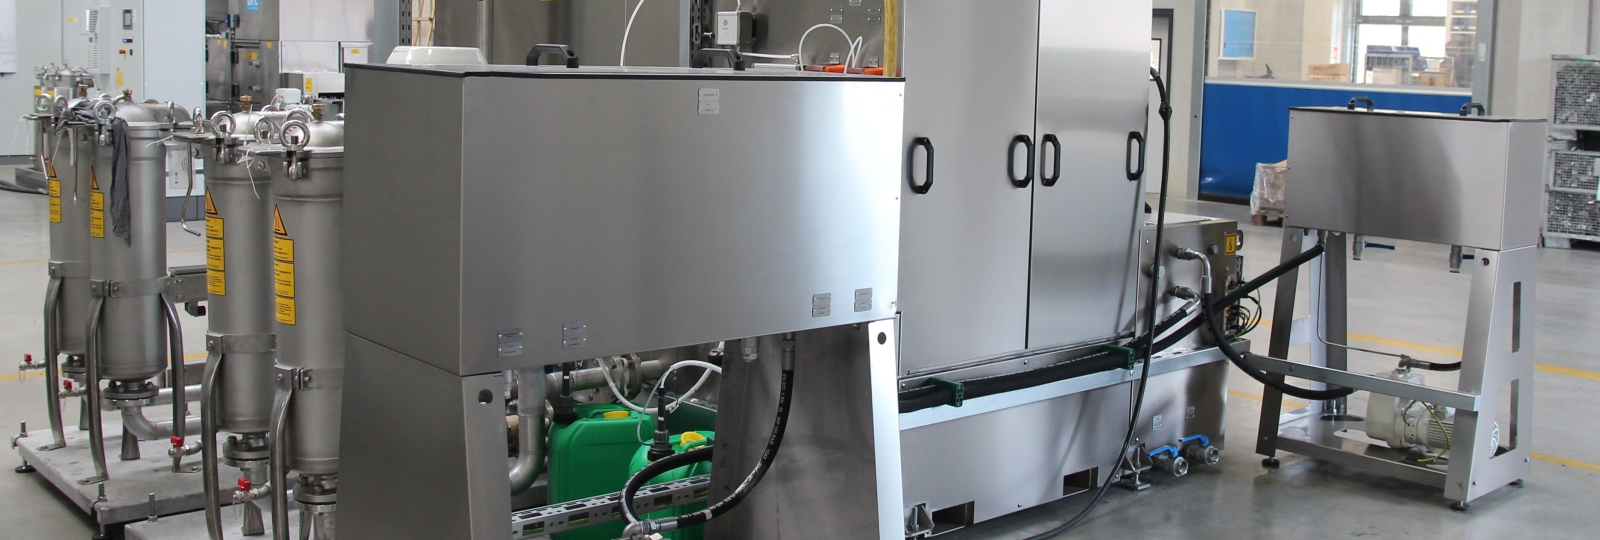 Bei BvL Oberflächentechnik gibt es viele Komponenten, um die Badstandzeit zu erhöhen. Plattenphasentrenner und Filter sorgen für die Badreinigung.